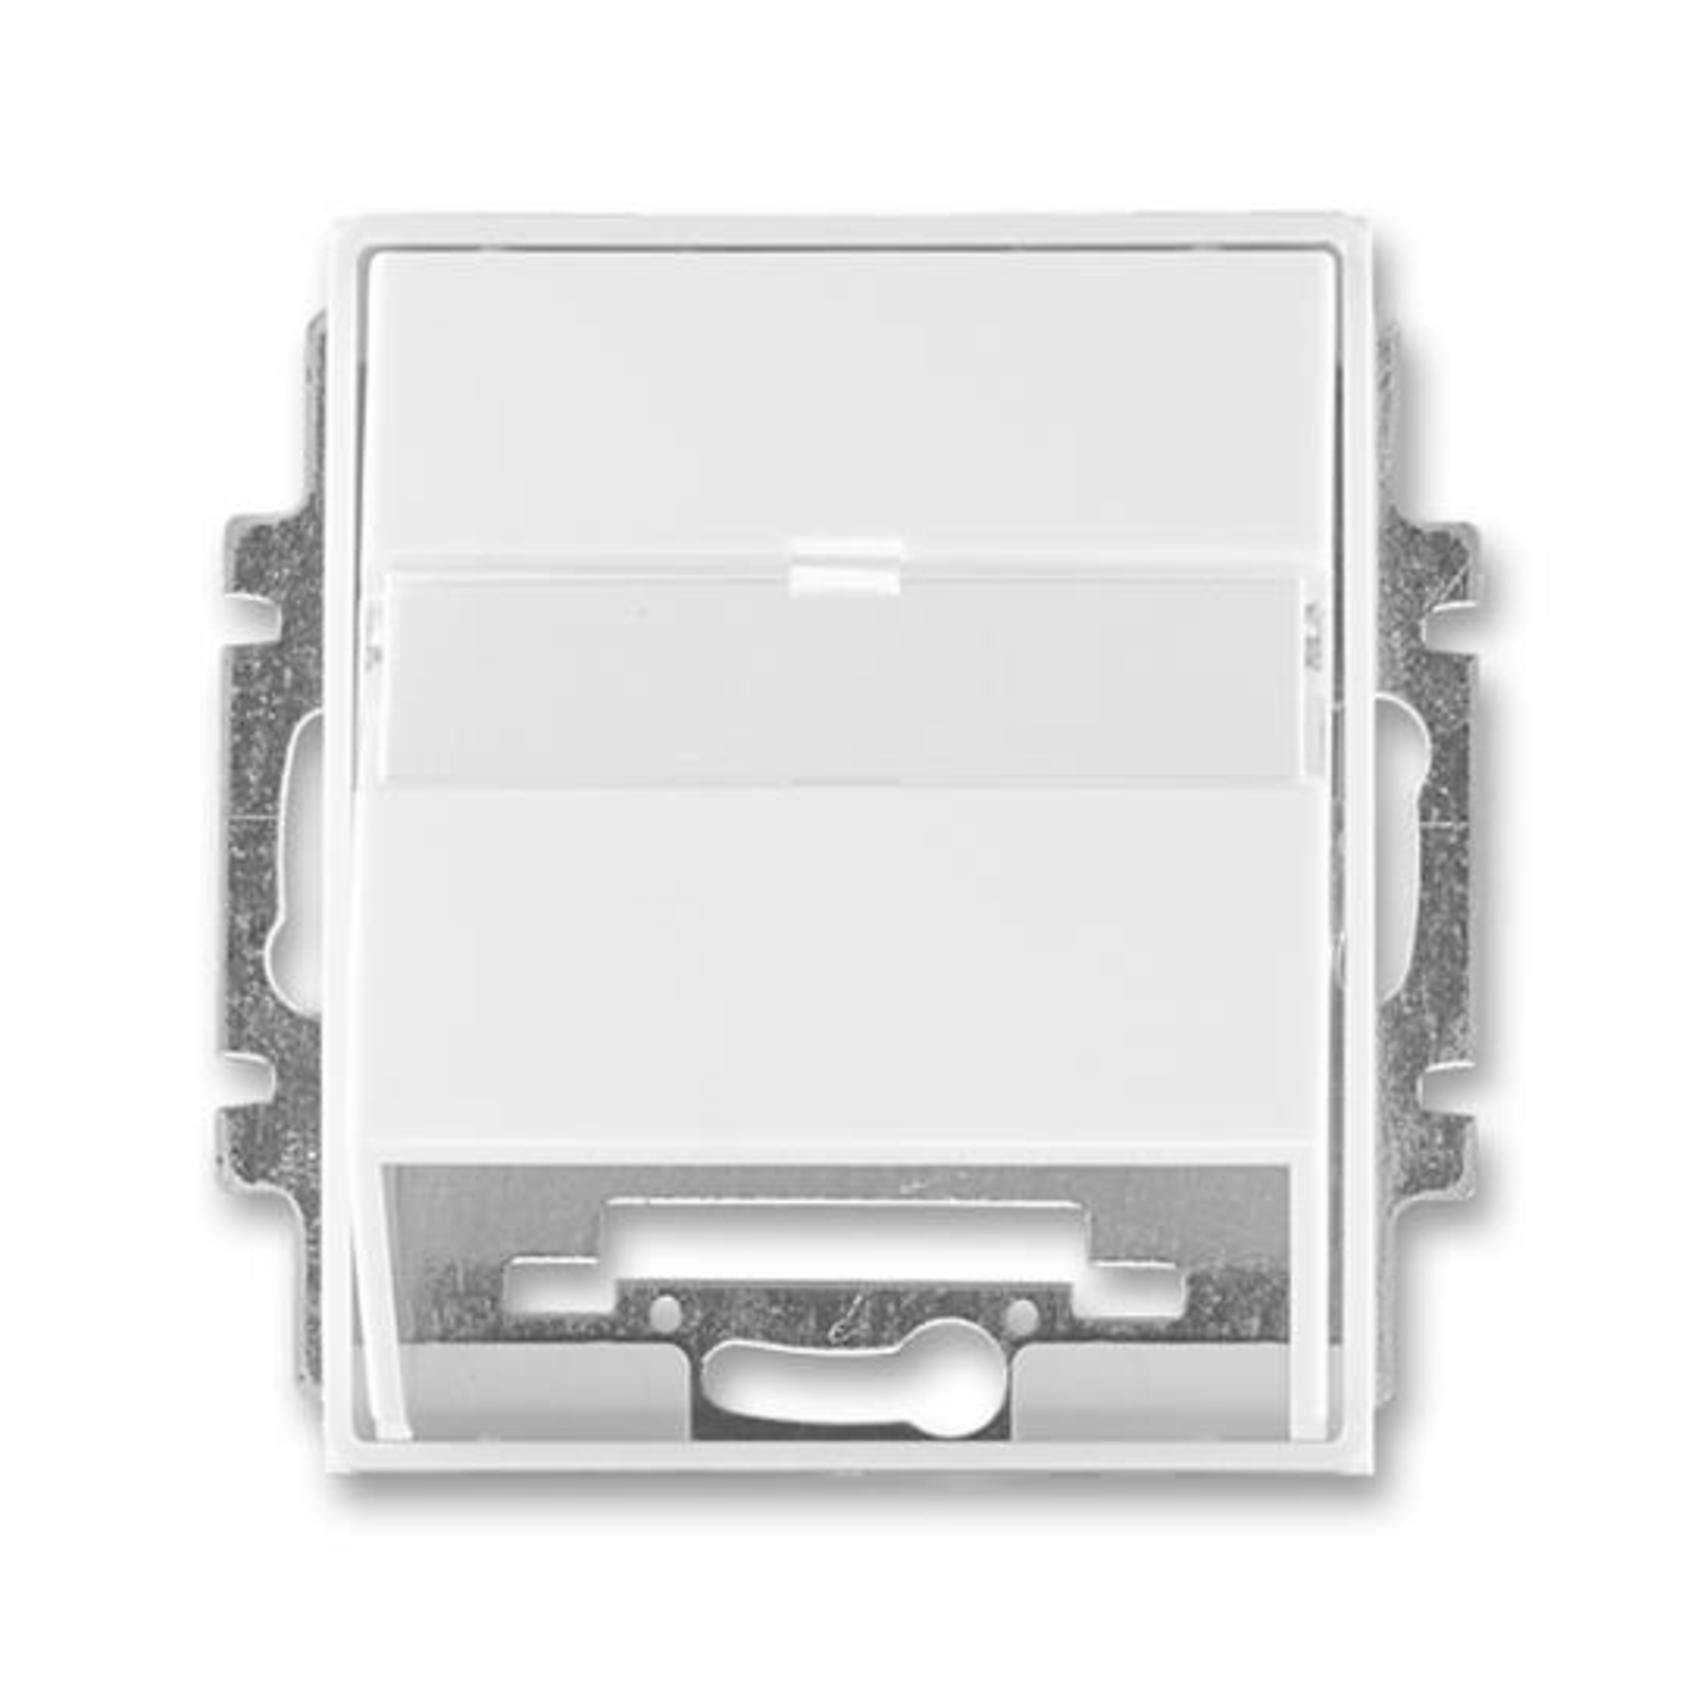 ABB 5014E-A00100 03 Element Kryt zásuvky komunikační (pro nosnou masku)